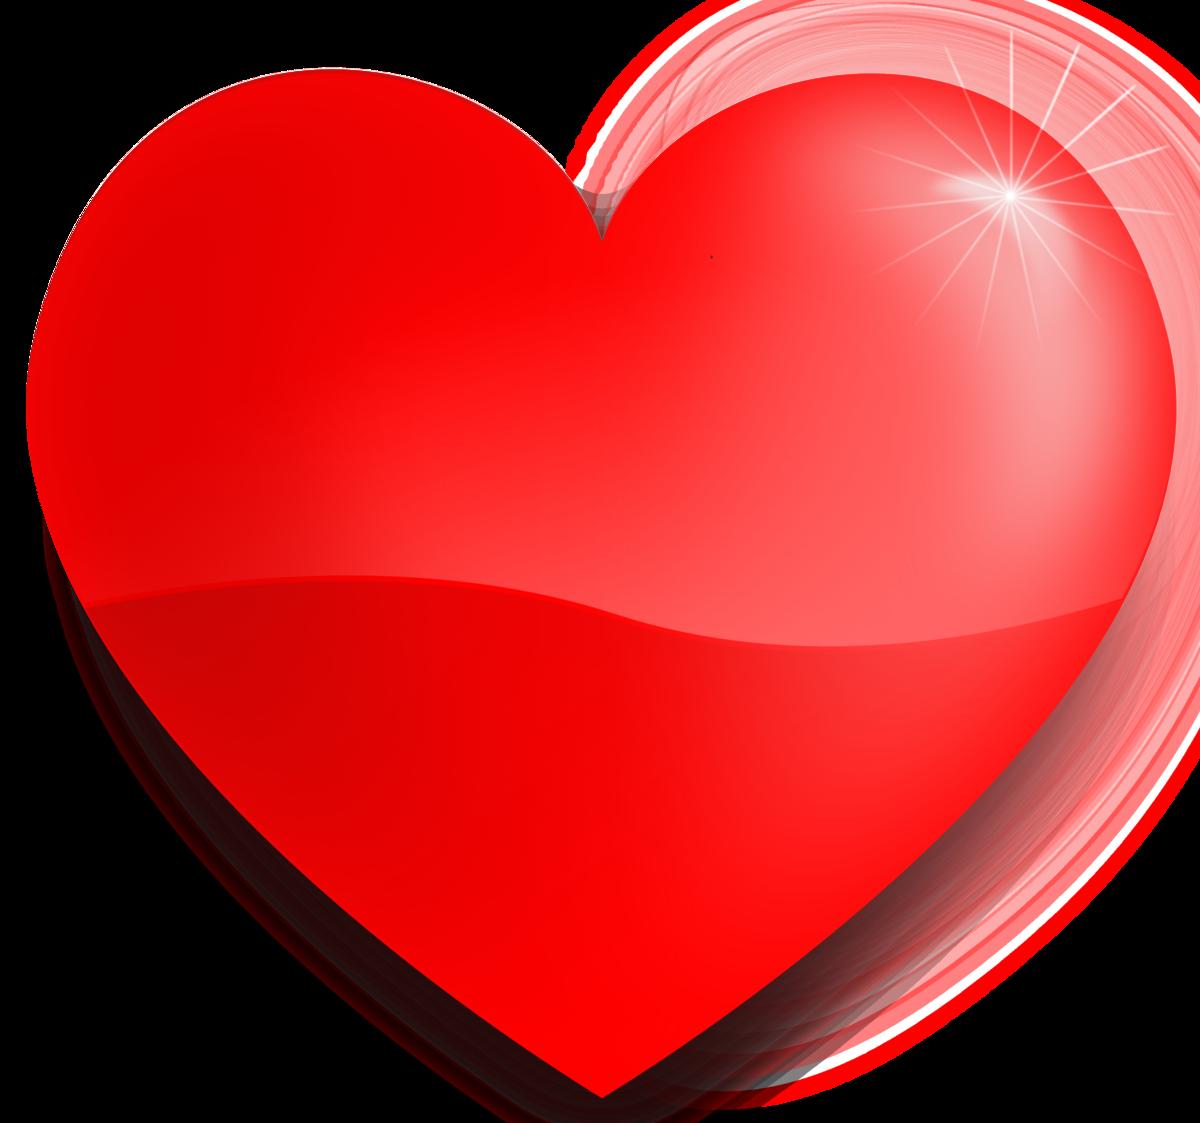 картинки сердечка на одном сайте дизайн является наиболее